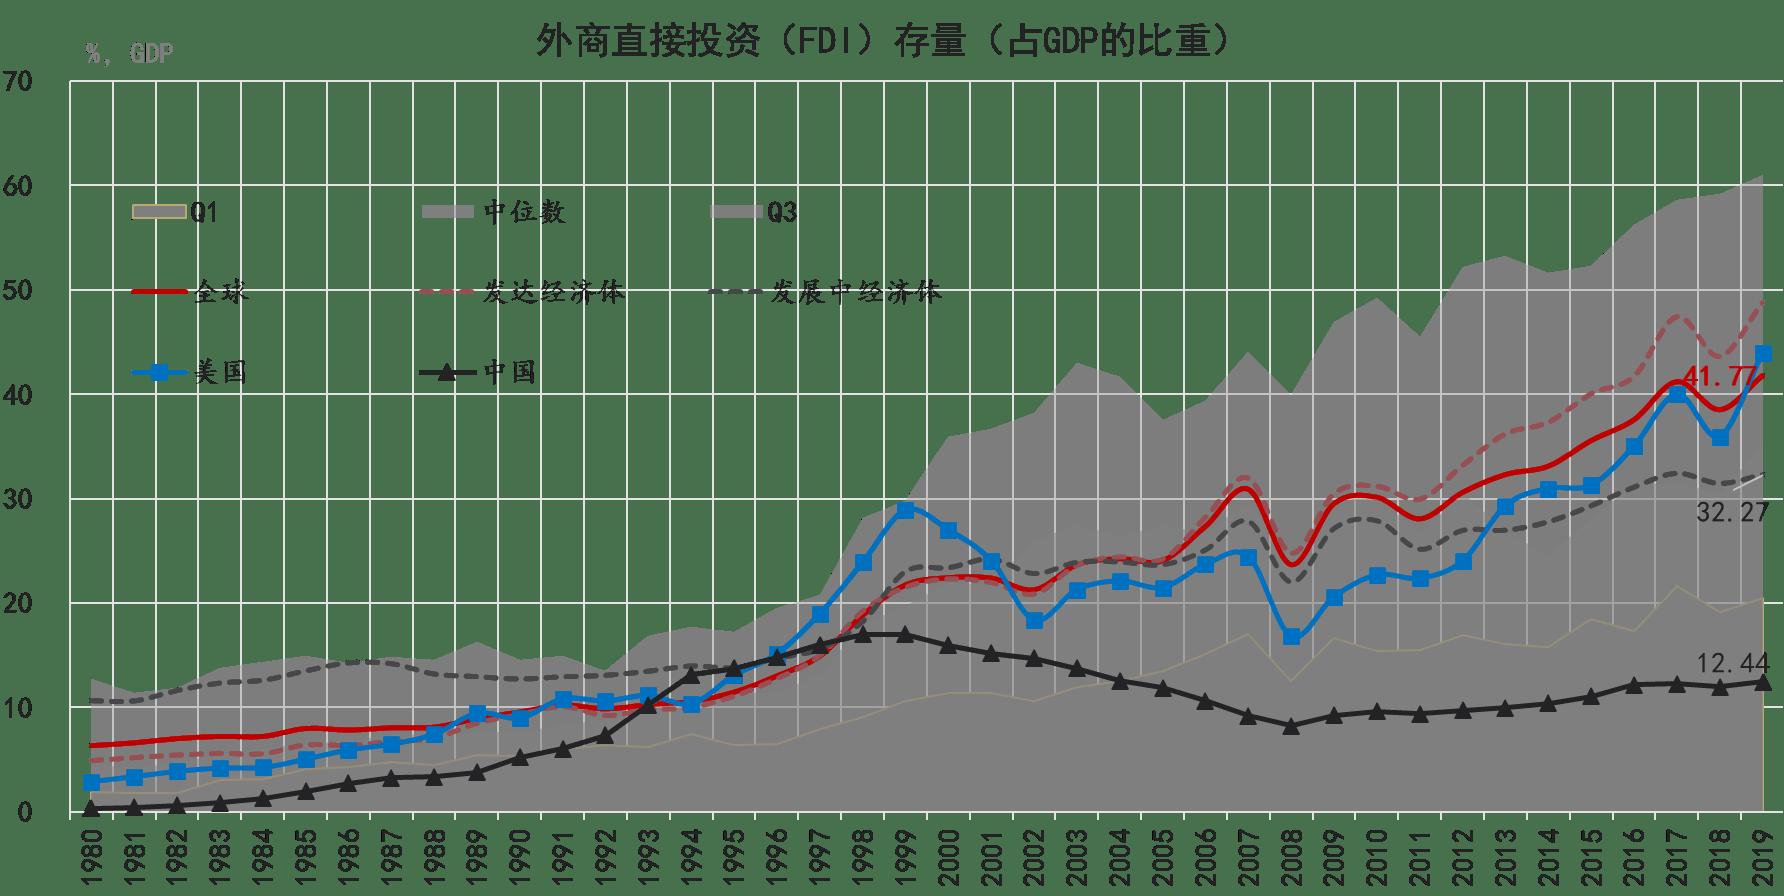 中国fdi与gdp_中国fdi主要流向图片